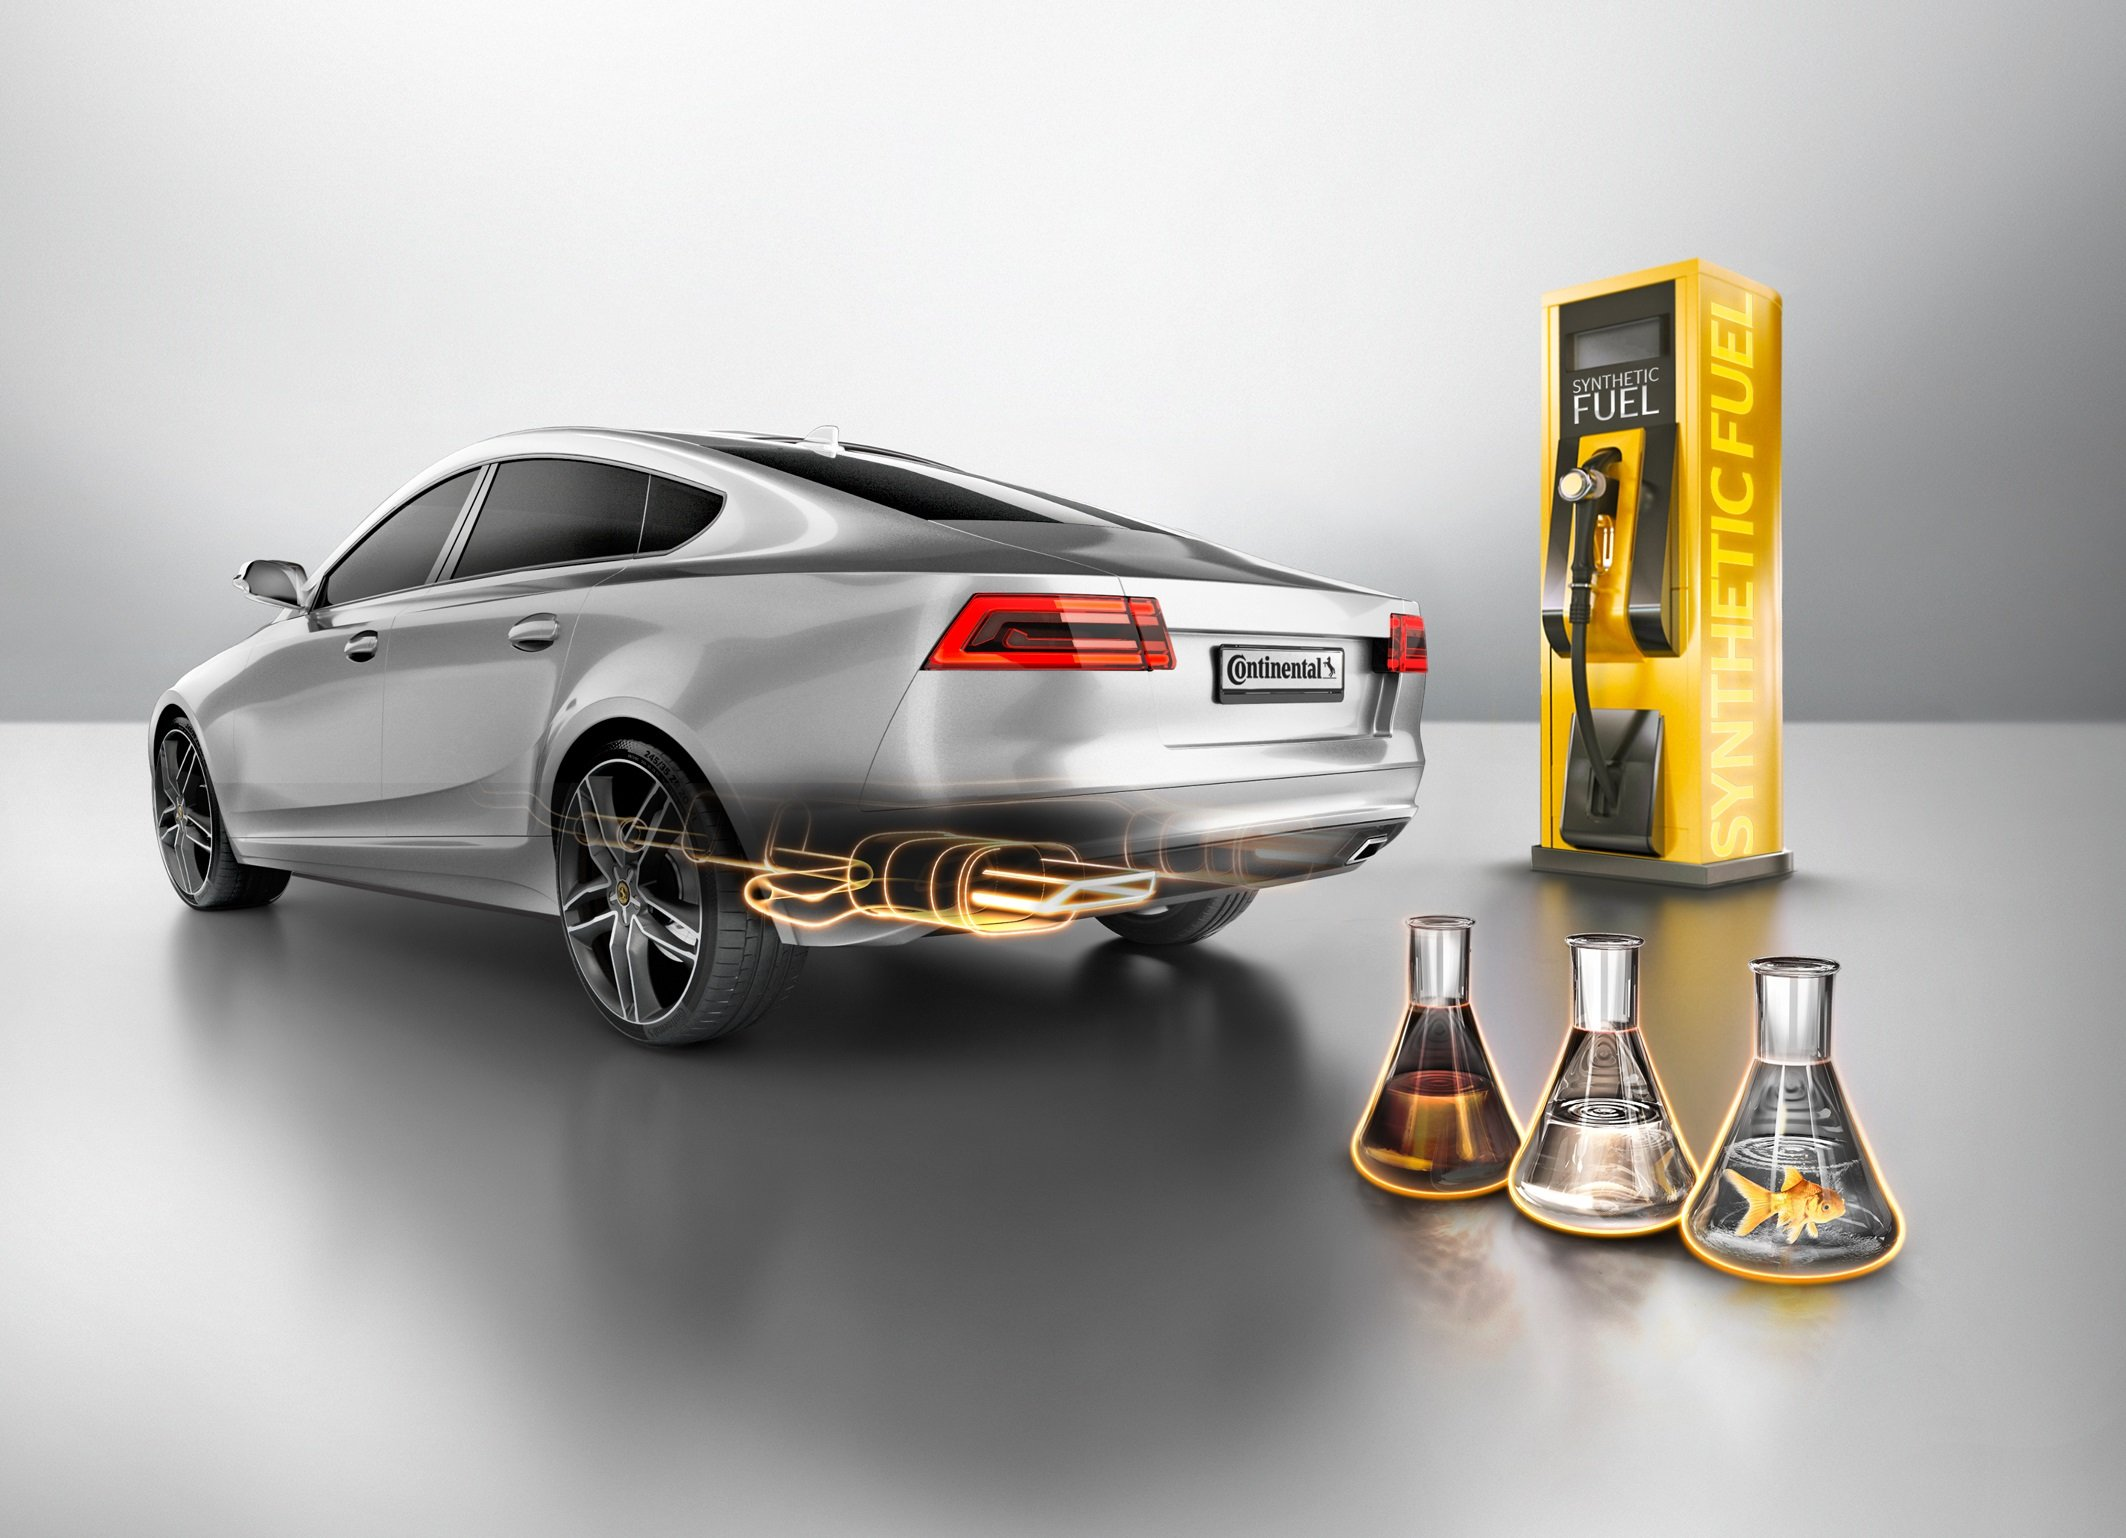 """""""Unsere Fahrzeugtests haben gezeigt, dass 15 Prozent OME-Beimischung im Dieselkraftstoff – zusätzlich zum aktuellen Biofuel-Anteil von 7 Prozent – schon heute motorisch nutzbar sind"""", soDr. Gerd Rösel, Leiter Advanced Engineering im Geschäftsbereich Engine Systems bei Continental, Division Powertrain."""